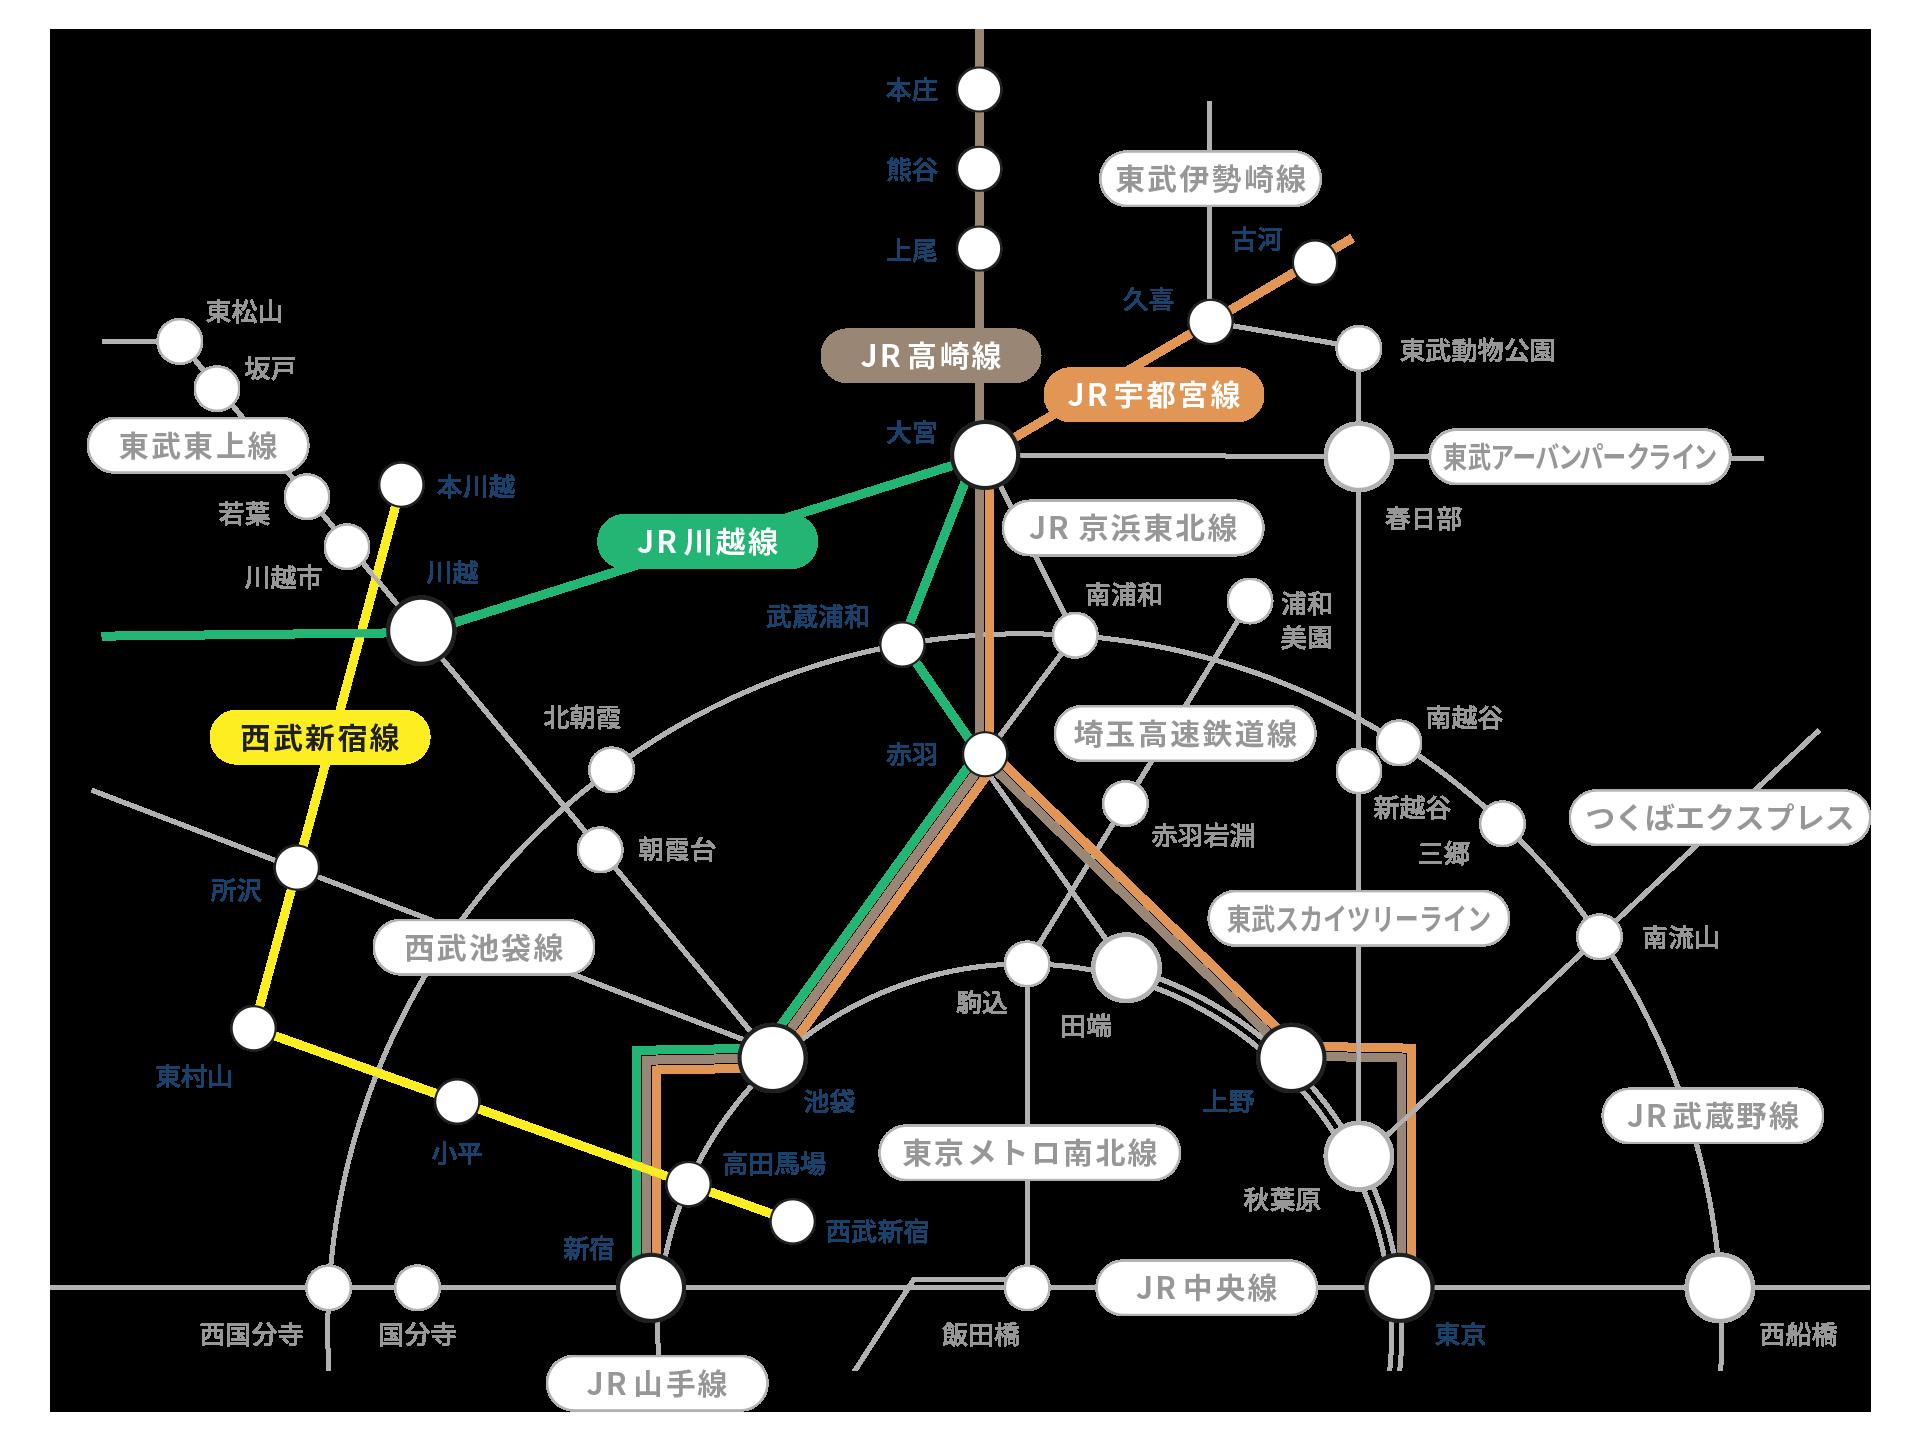 高崎 線 路線 図